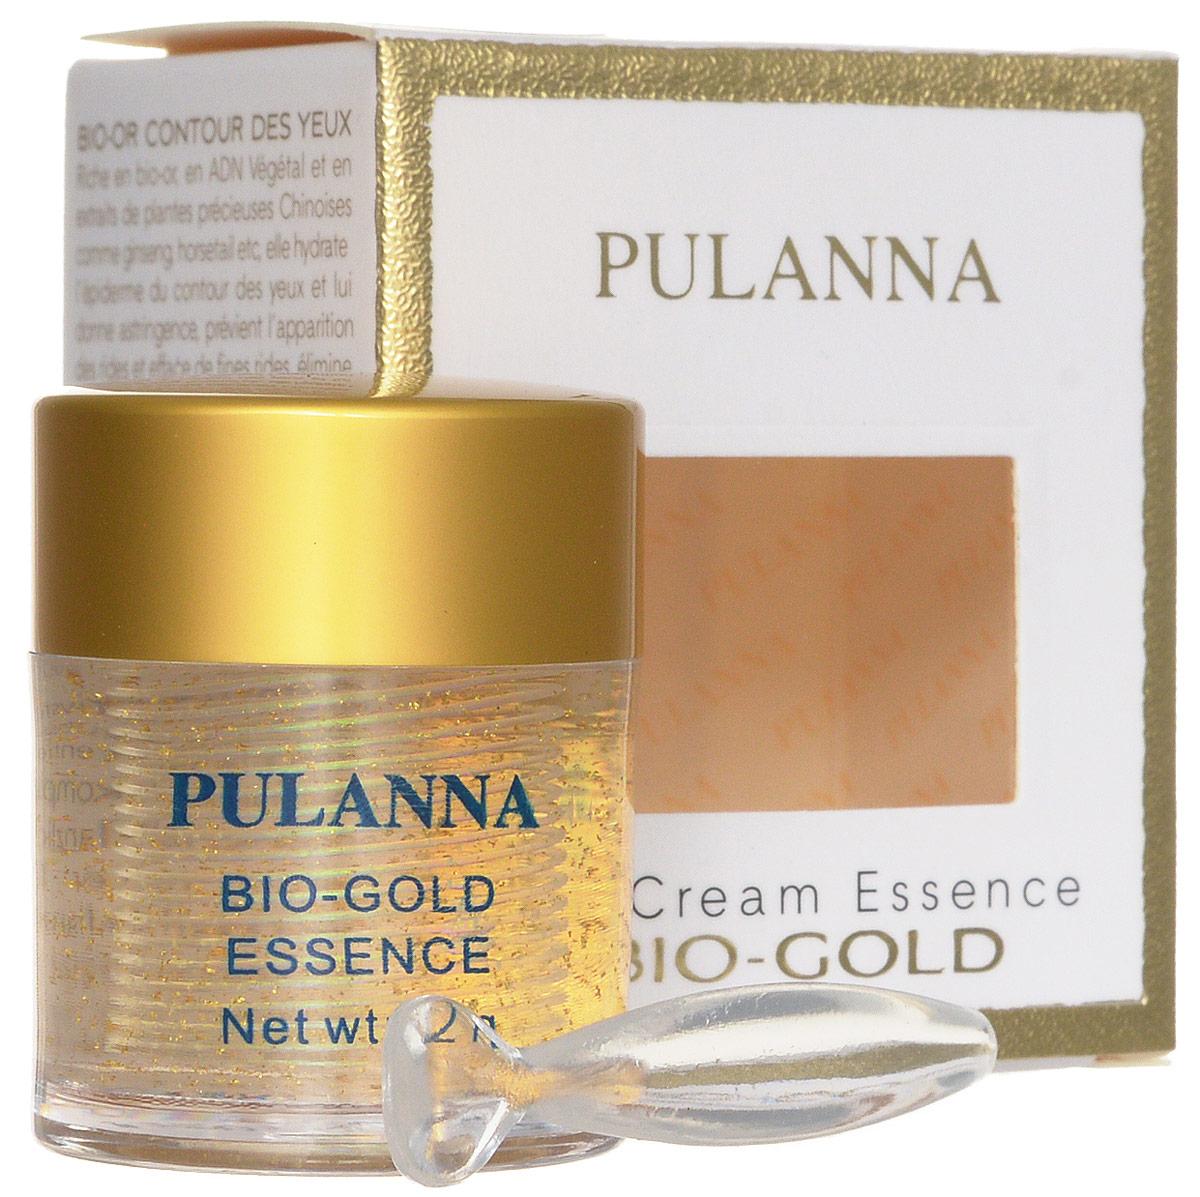 Pulanna Био-золотой гель для век на основе био-золота - Bio-gold Essence 21 г5902596005030Обогащенный гель с эффектом лифтинга. Осуществляет глубокое питание, регулирует обменные процессы, ускоряет регенерацию клеток, восполняет дефицит липидов в коже, увлажняет, нормализует кровоснабжение. Возвращает нежной коже век упругость и свежесть, активно борется с морщинами и предотвращает их появление. Снимает отечность, уменьшает темные круги под глазами. Обеспечивает коже длительное, глубокое увлажнение и питание. Био-золото, экстракт хвоща и экстракт женьшеня способствуют обновлению клеток, нормализации водно-жирового и кислородного обмена. Растительные ДНК участвуют в синтезе белков, регенерации клеток кожи. Является базой под макияж. Рекомендован с 40 лет в качестве основного ухода, с 35 лет курсами (28-30 дней).